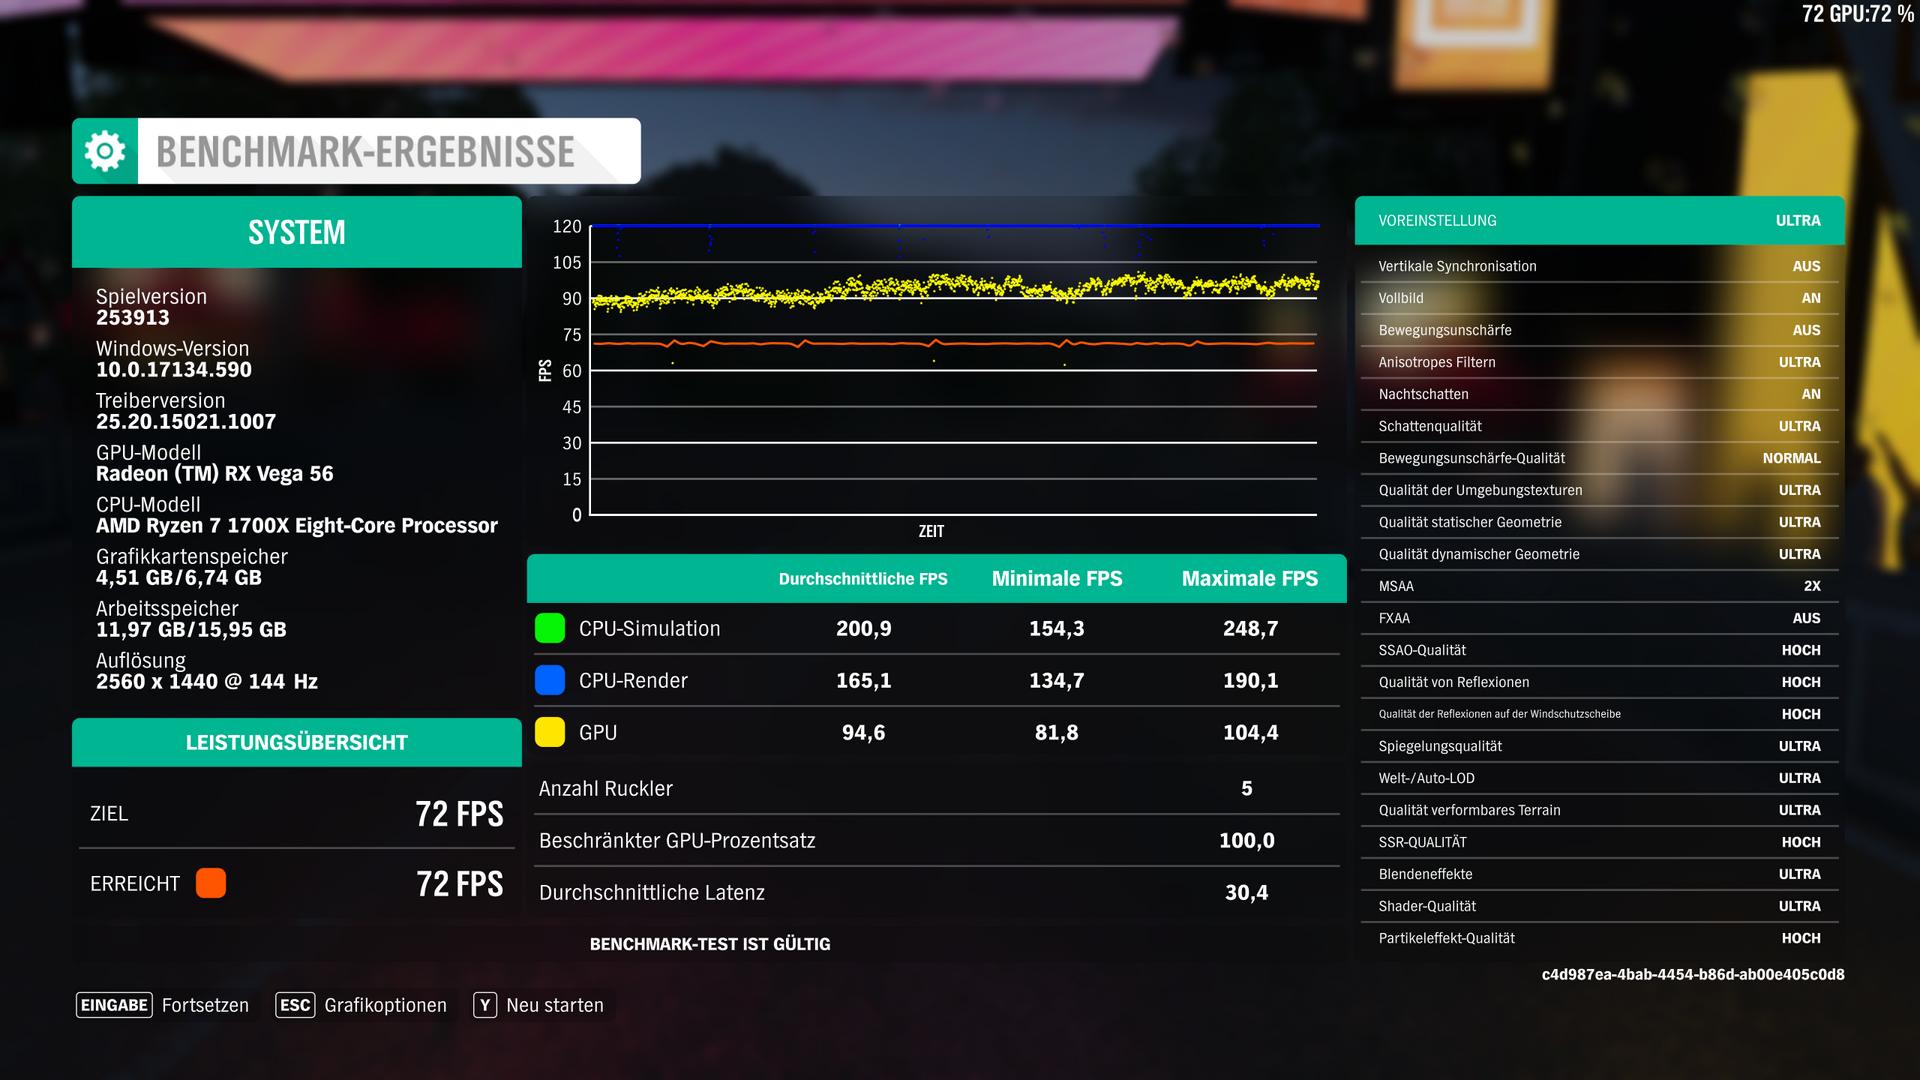 MSI Radeon RX Vega 56 Air Boost 8G OC vs MSI GeForce GTX 1080 Gaming